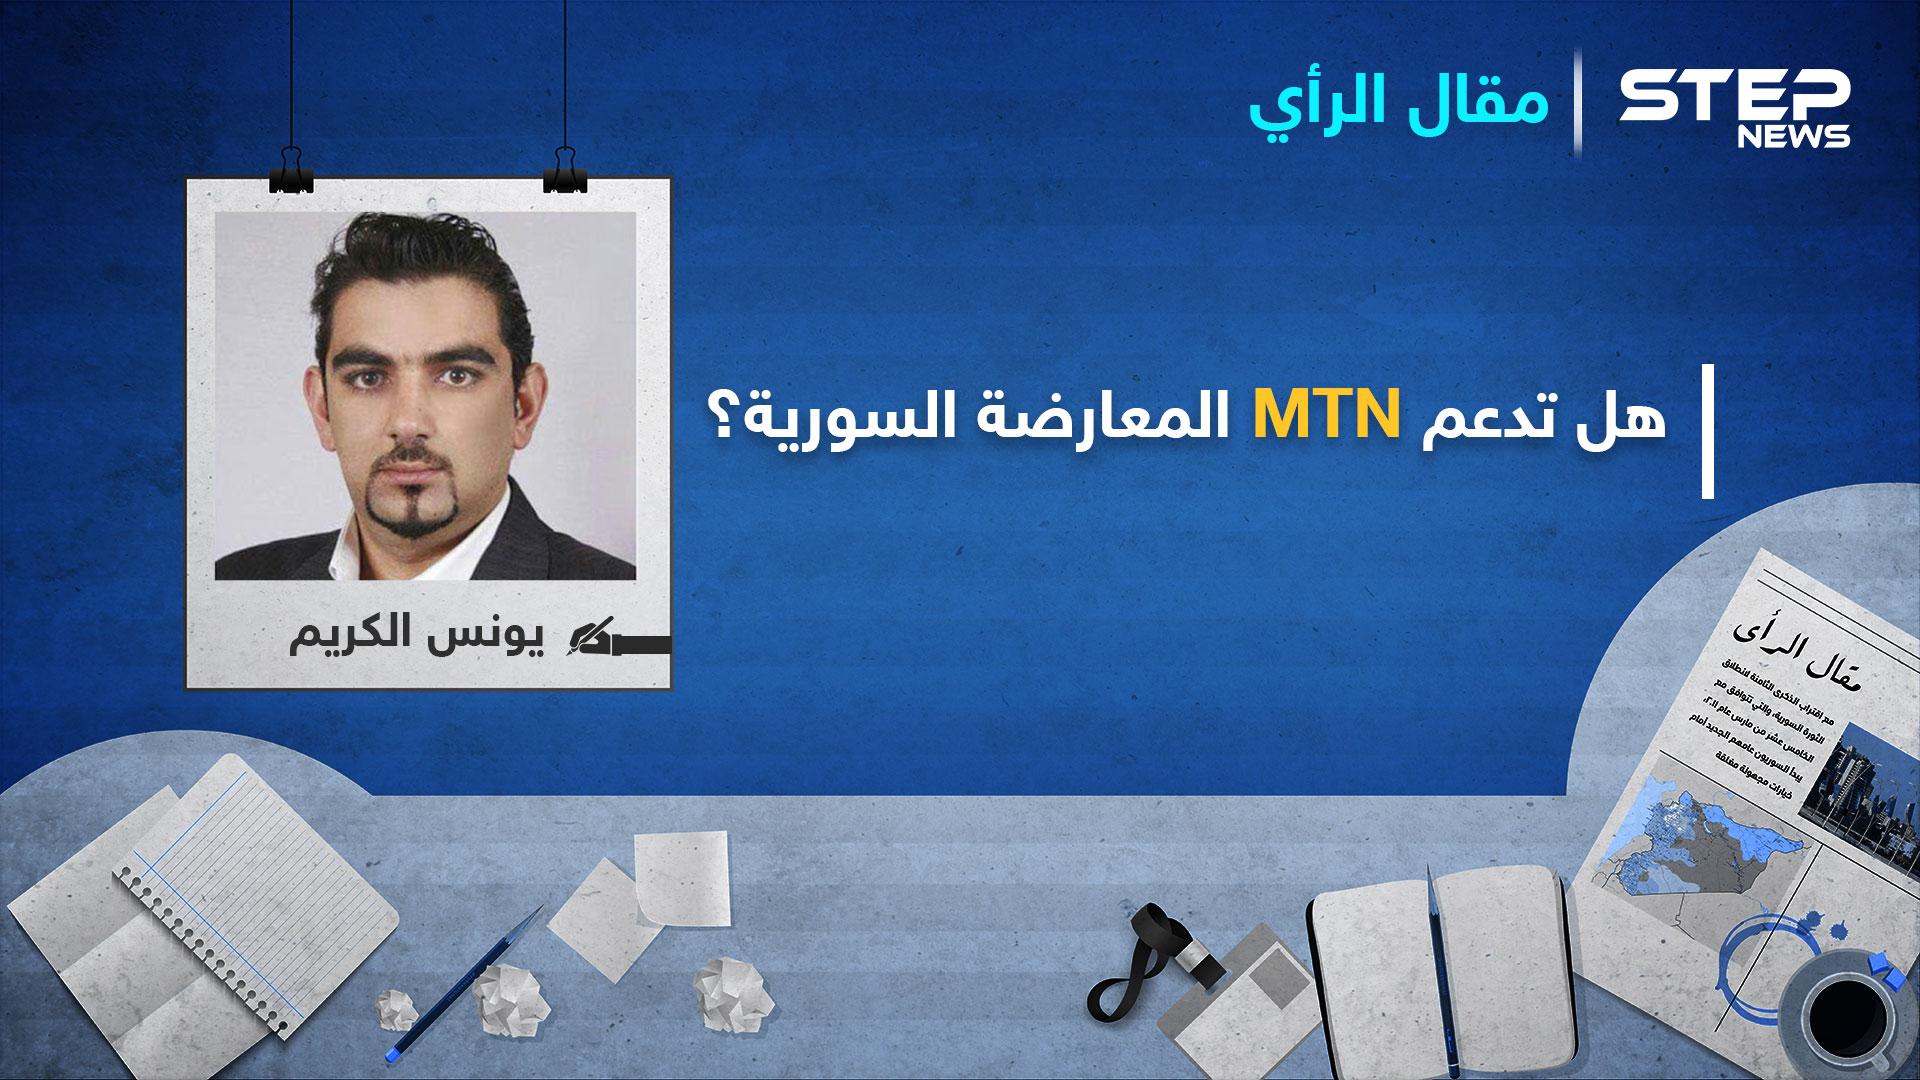 هل تتجه MTN إلى دعم المعارضة في سوريا